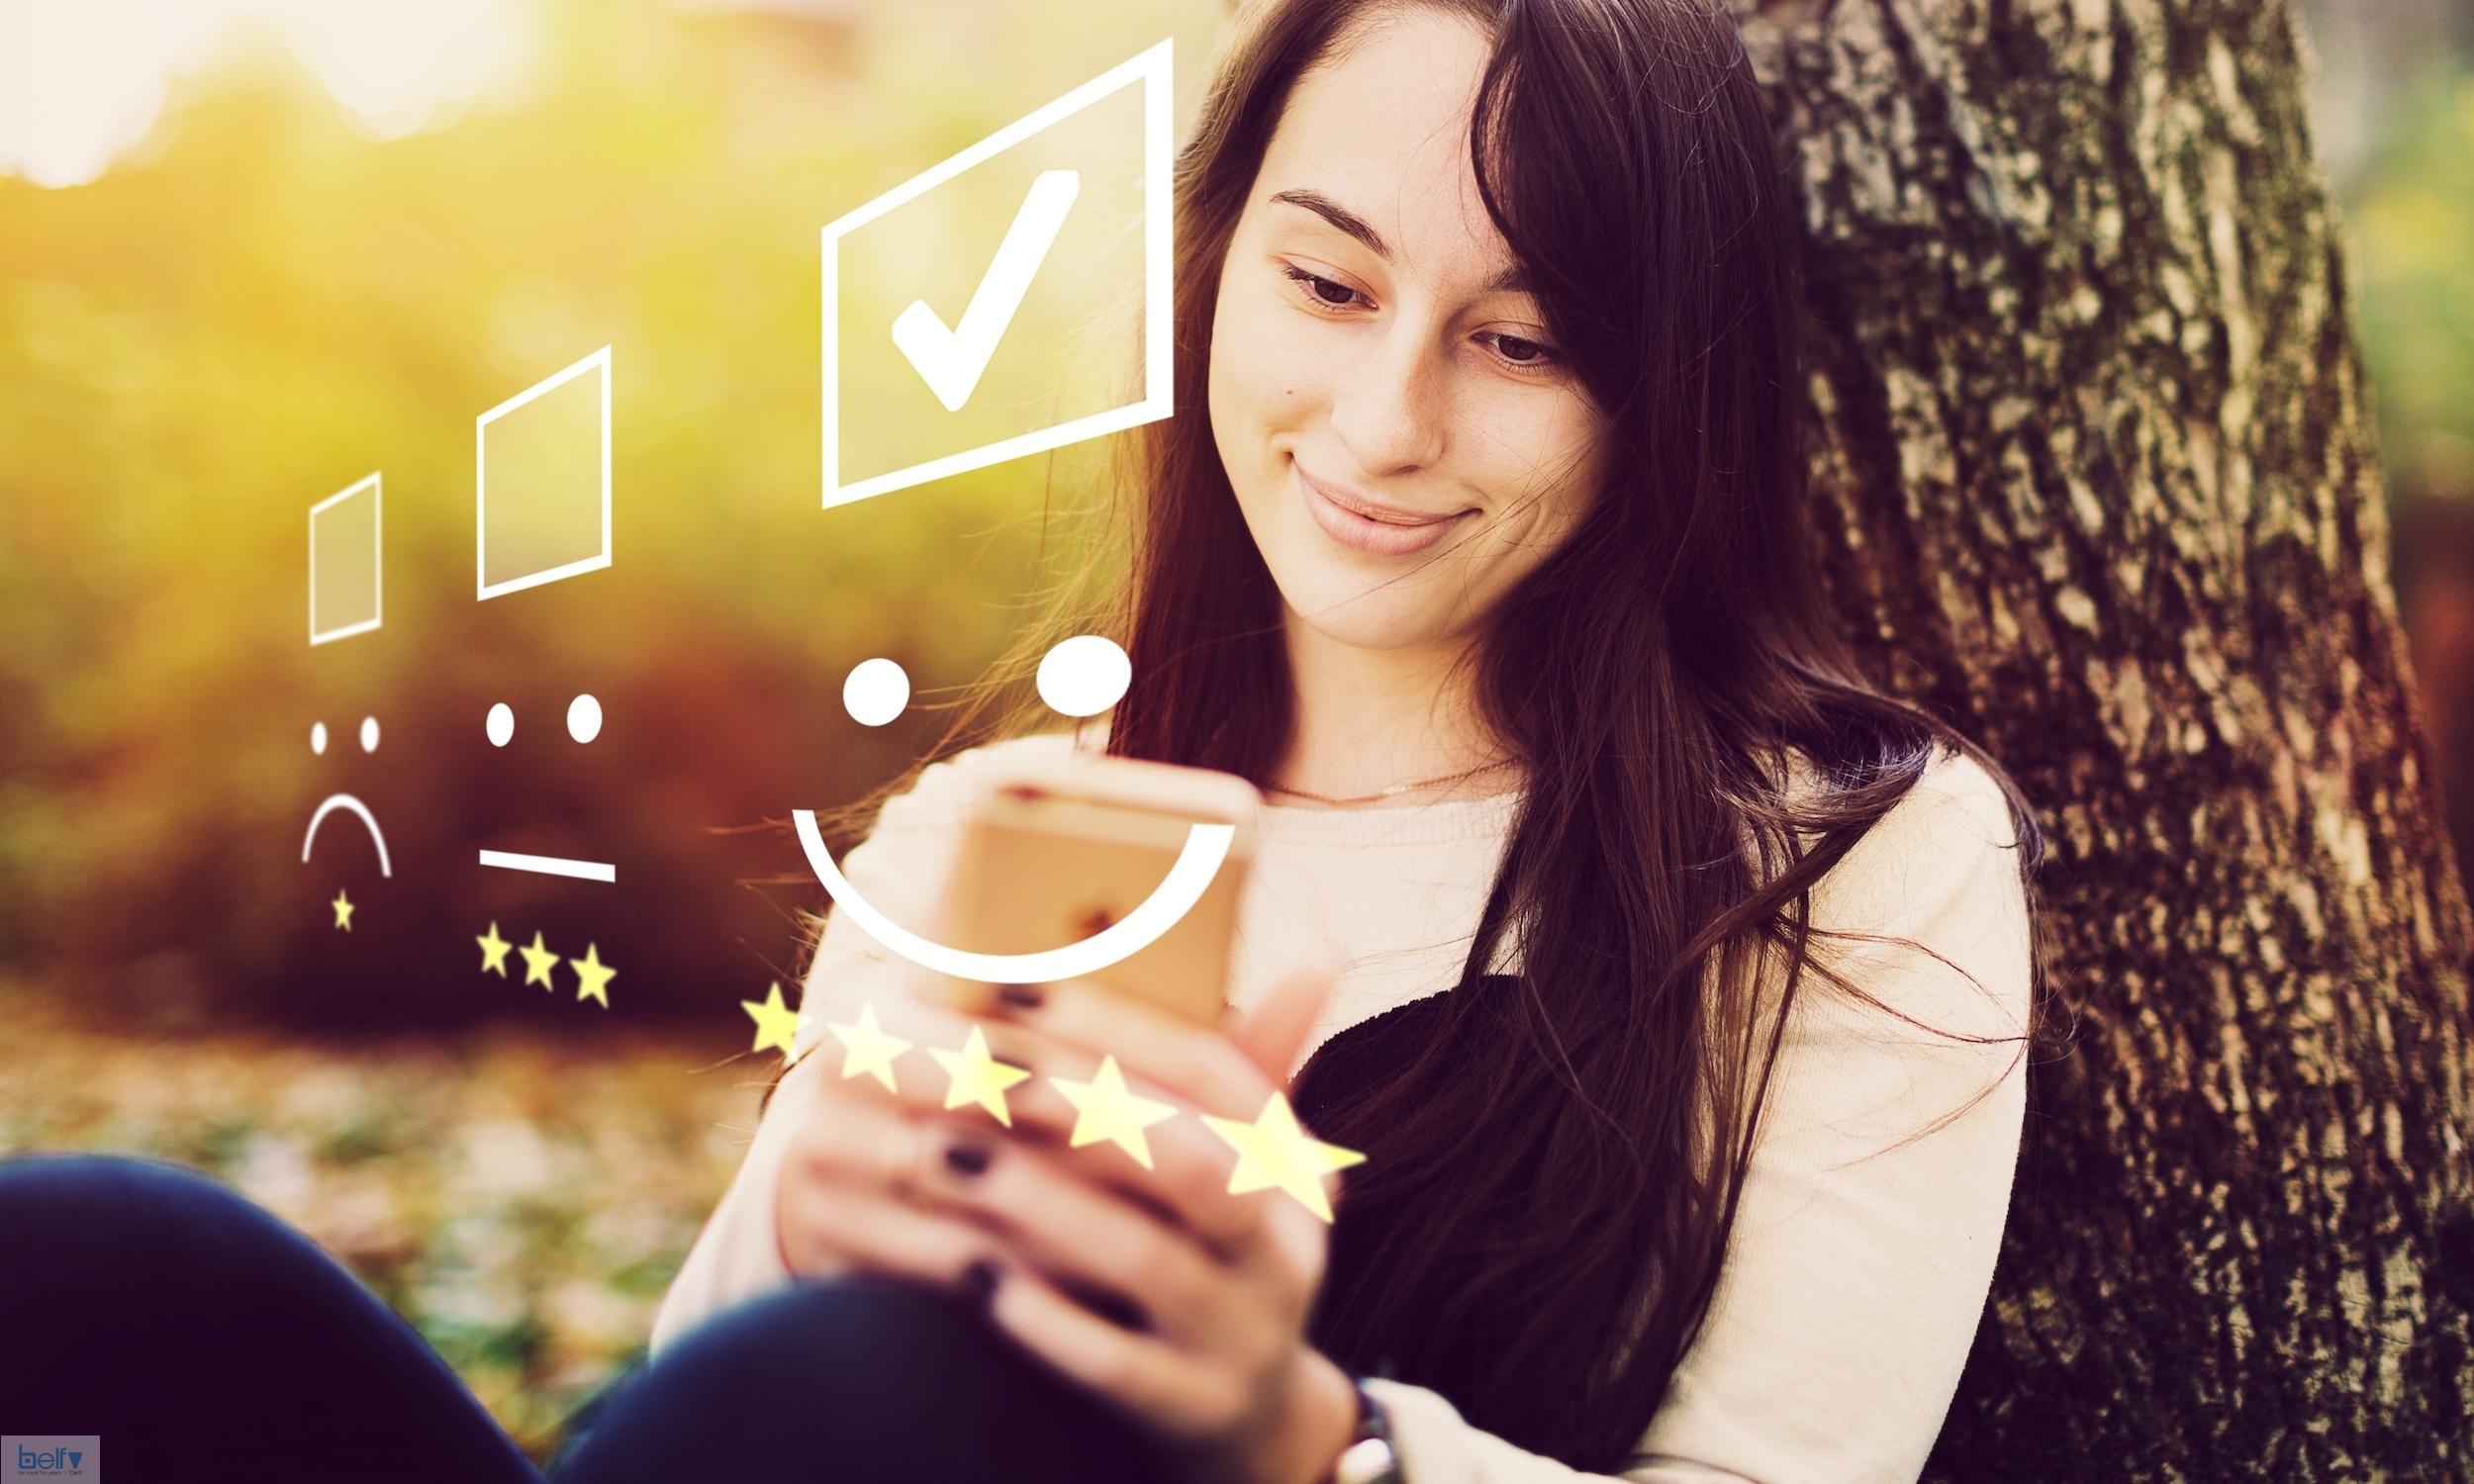 راهکارهای کسب اعتماد و افزایش وفاداری مشتریان